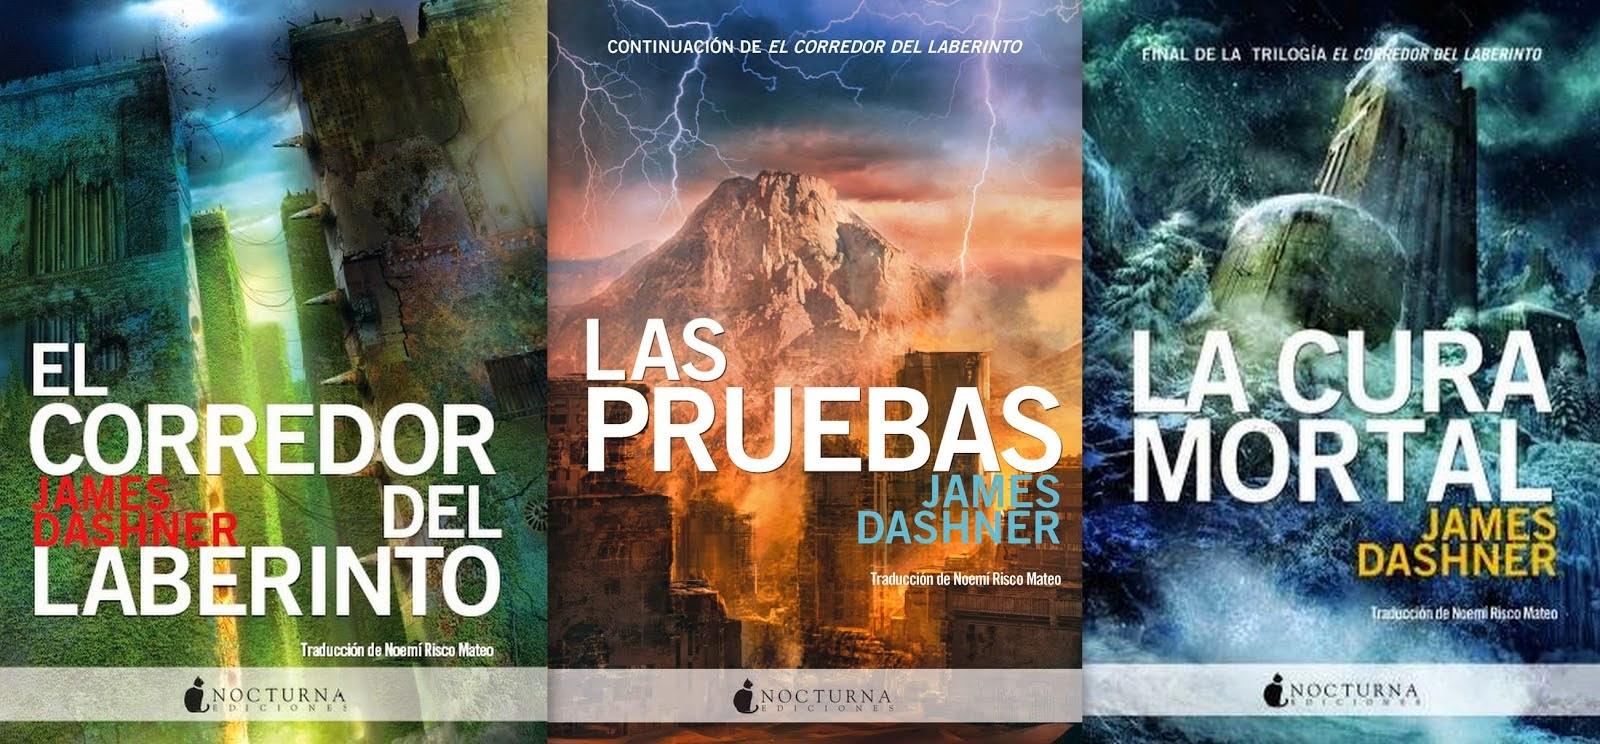 http://www.culturamas.es/wp-content/uploads/2014/11/Para-resen%CC%83asblog1.jpg